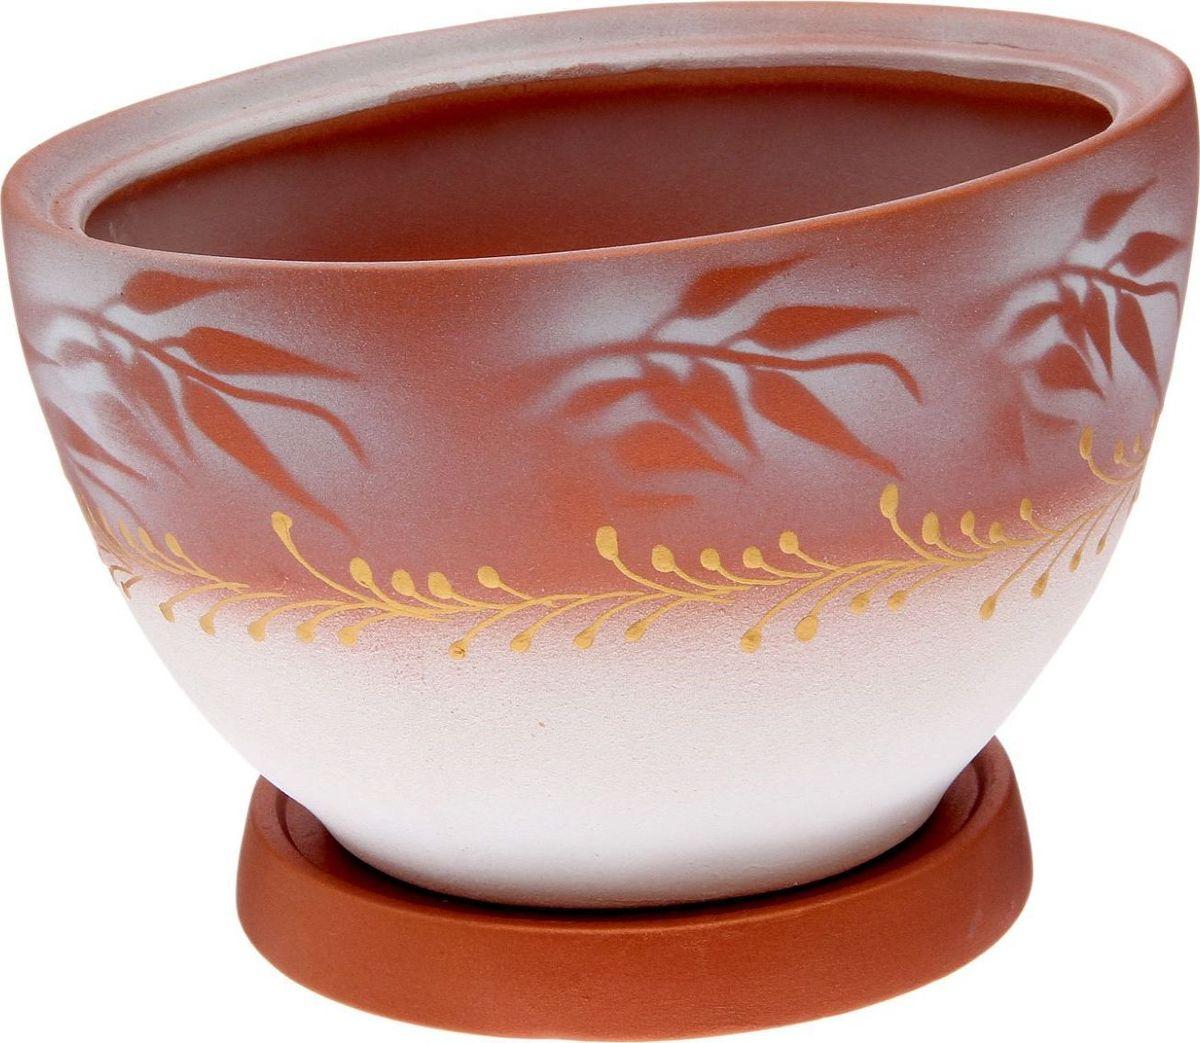 Кашпо Узор, цвет: белый, коричневый, 3 л2149238Комнатные растения — всеобщие любимцы. Они радуют глаз, насыщают помещение кислородом и украшают пространство. Каждому из них необходим свой удобный и красивый дом. Кашпо из керамики прекрасно подходят для высадки растений: за счёт пластичности глины и разных способов обработки существует великое множество форм и дизайновпористый материал позволяет испаряться лишней влагевоздух, необходимый для дыхания корней, проникает сквозь керамические стенки! #name# позаботится о зелёном питомце, освежит интерьер и подчеркнёт его стиль.